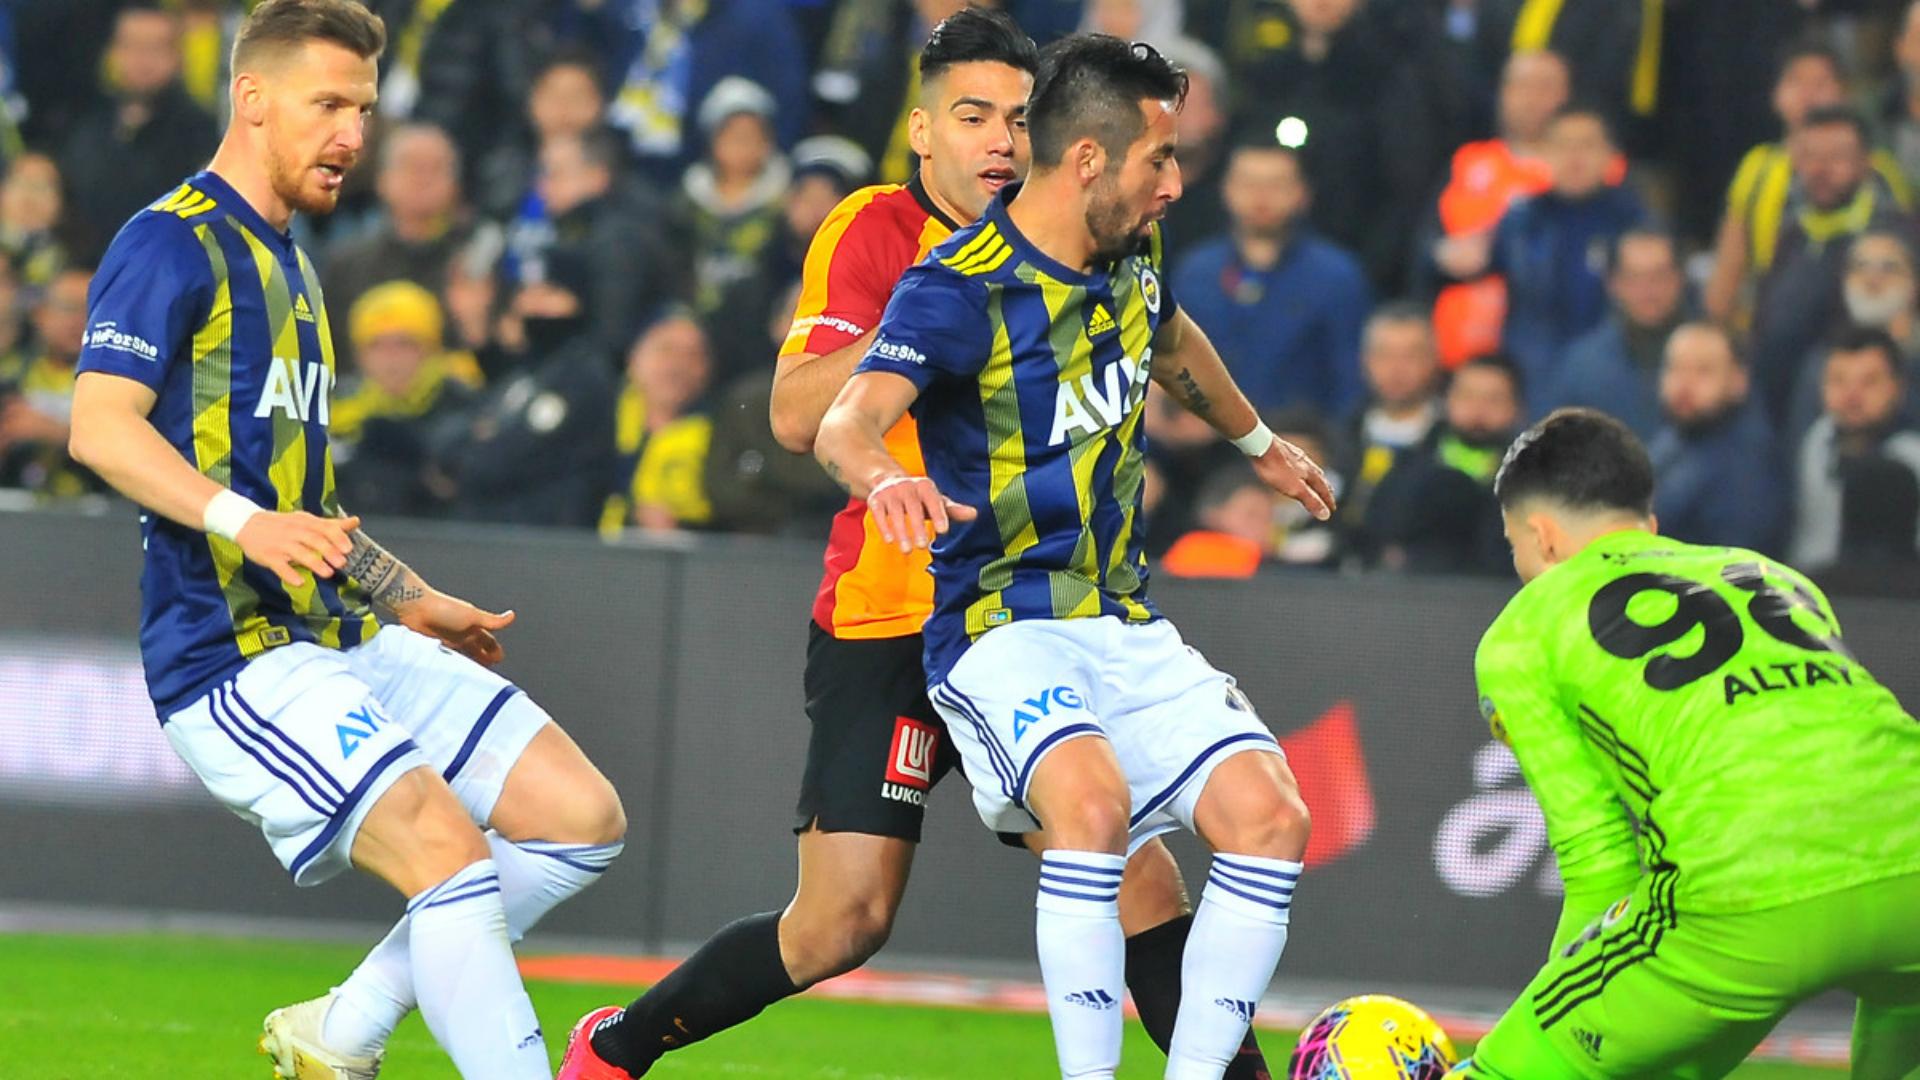 جلطة سراي يتغلب على فناربخشة في كلاسيكو تركي عنيف | Goal.com